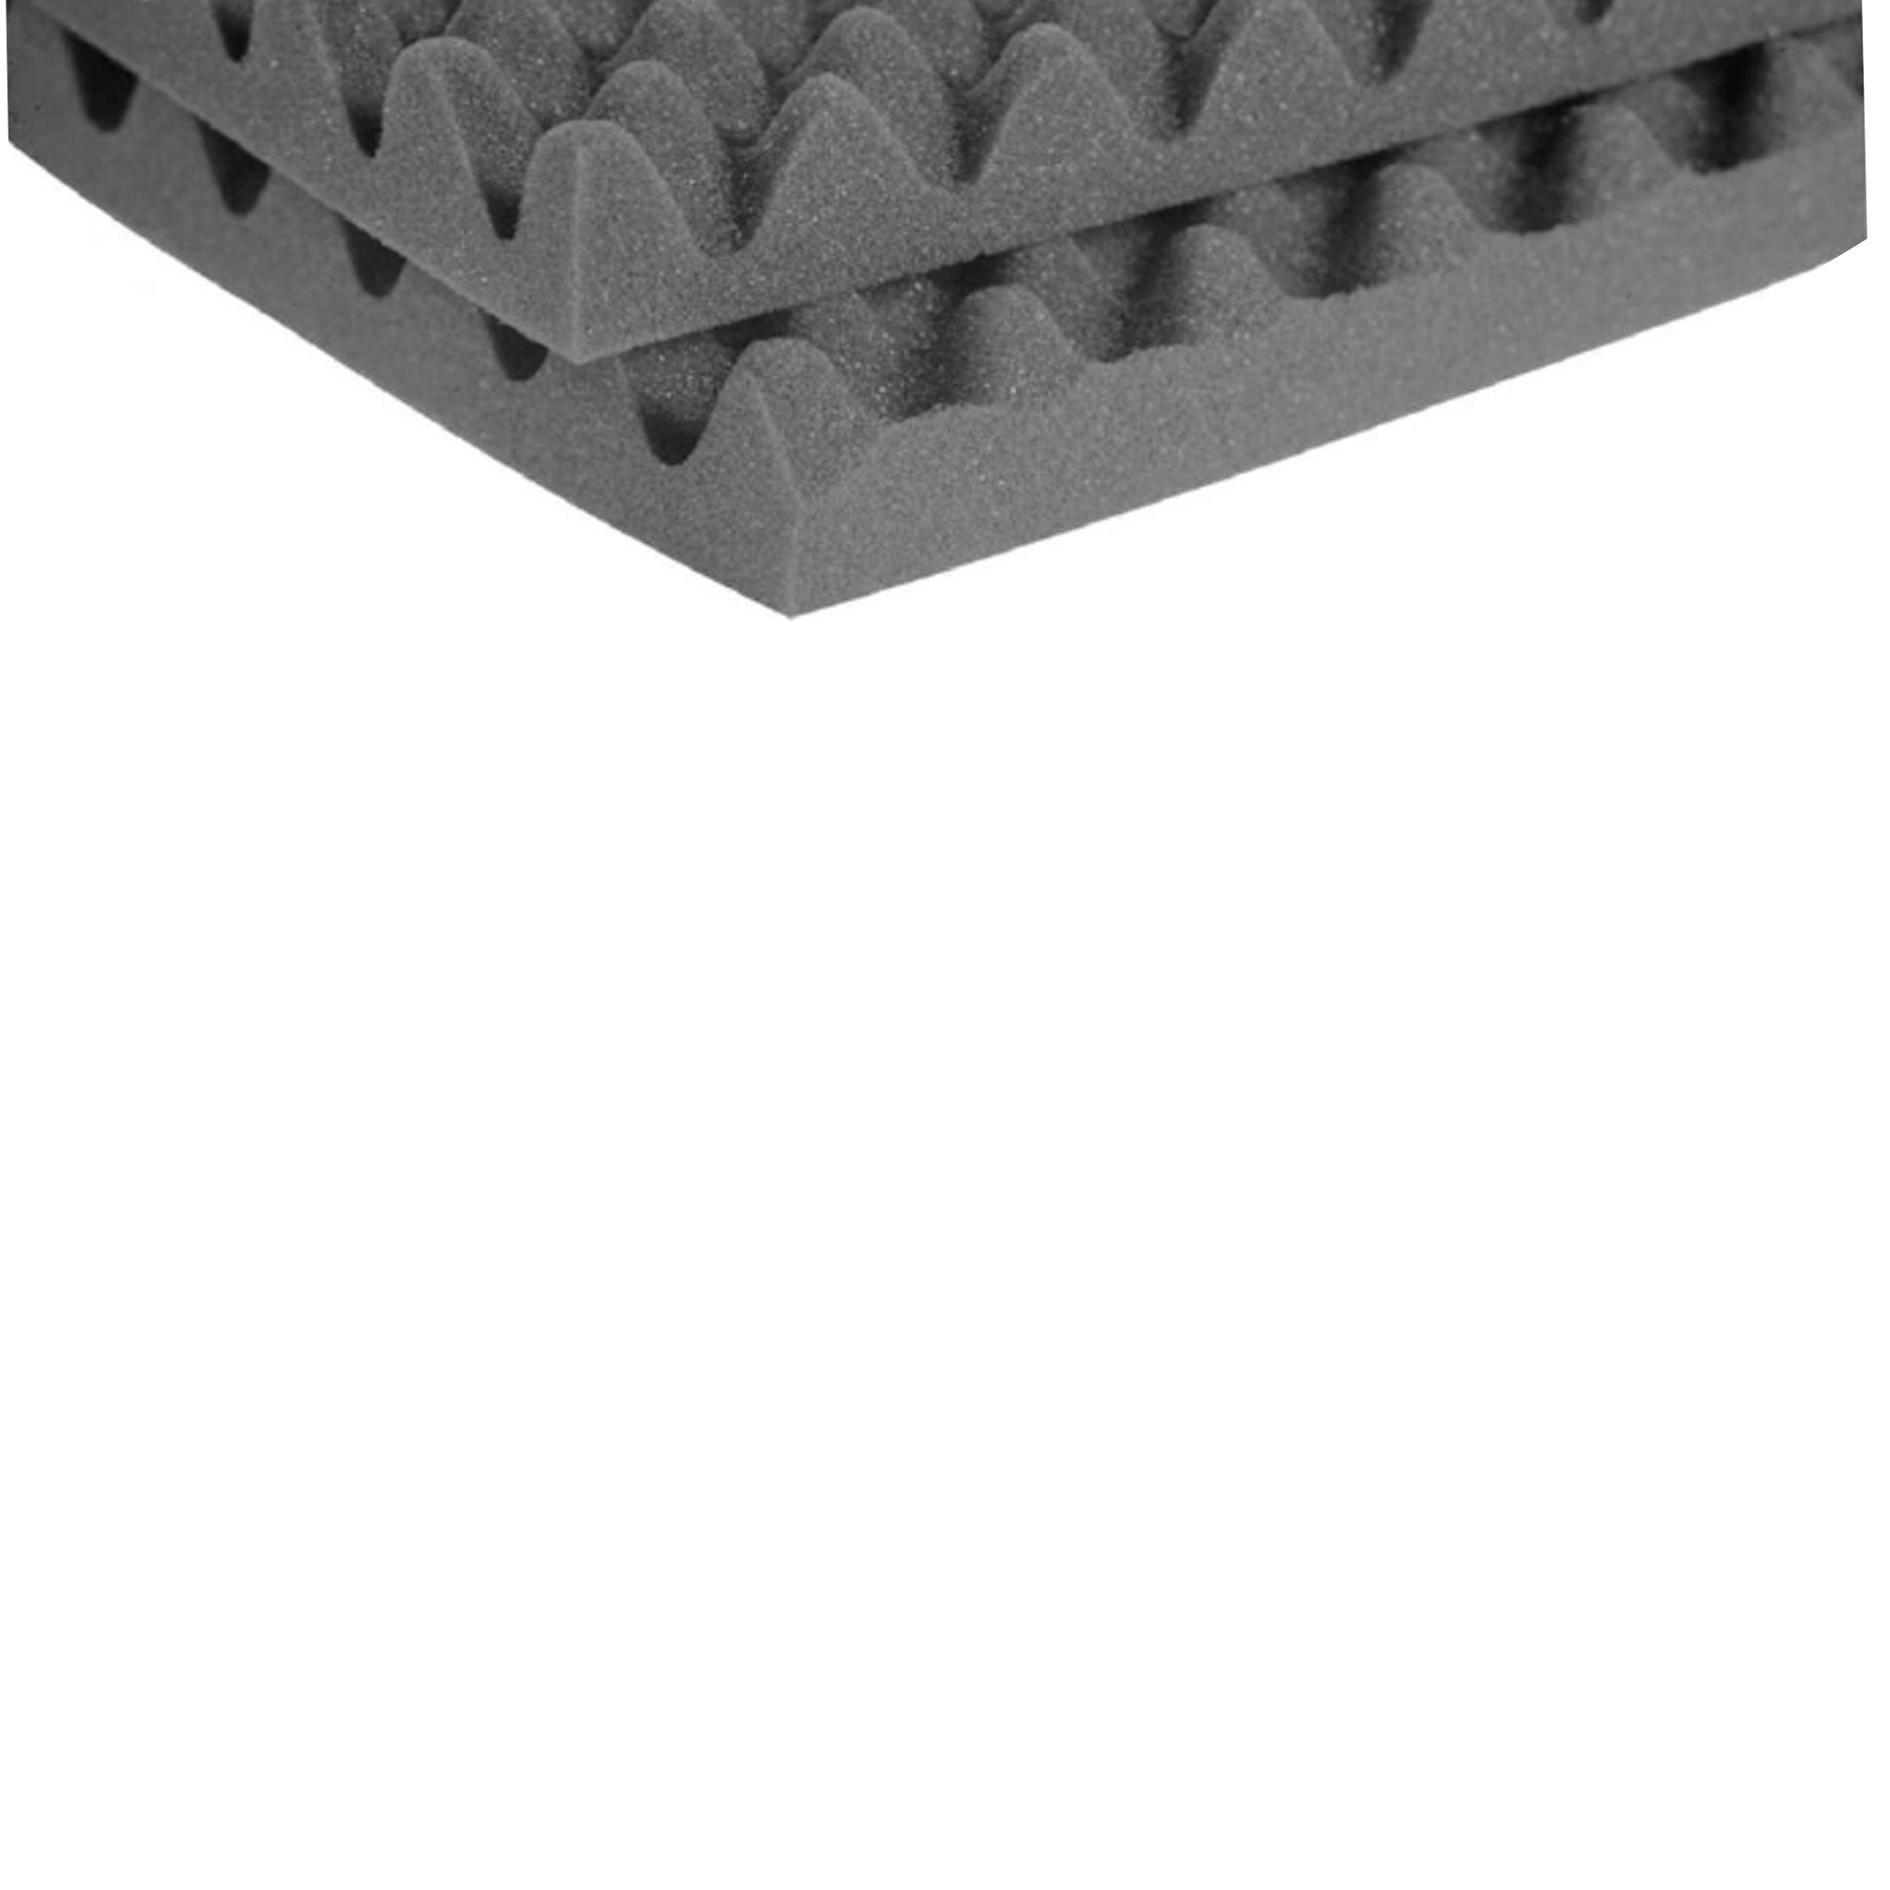 Pannello fonoassorbente bugnato 1 x 1 m, Sp 30 mm, 1 mq - 2